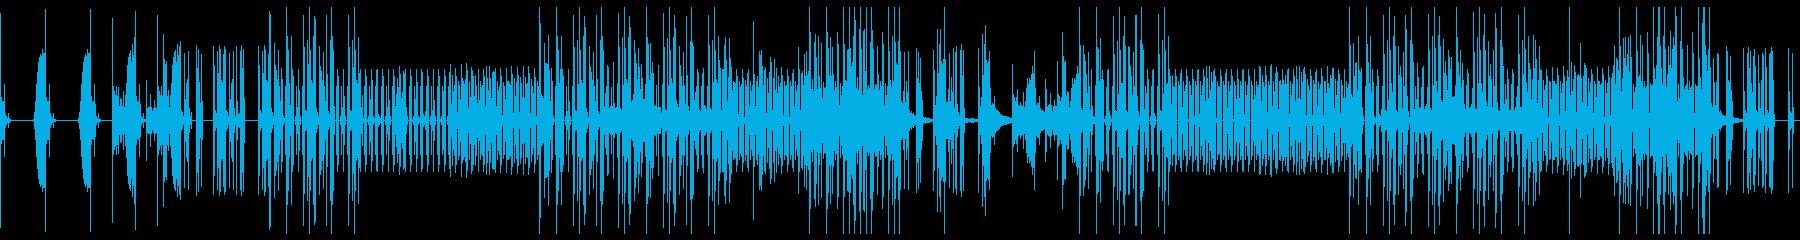 戦闘・又は戦いを予感させる4つ打ち系の曲の再生済みの波形